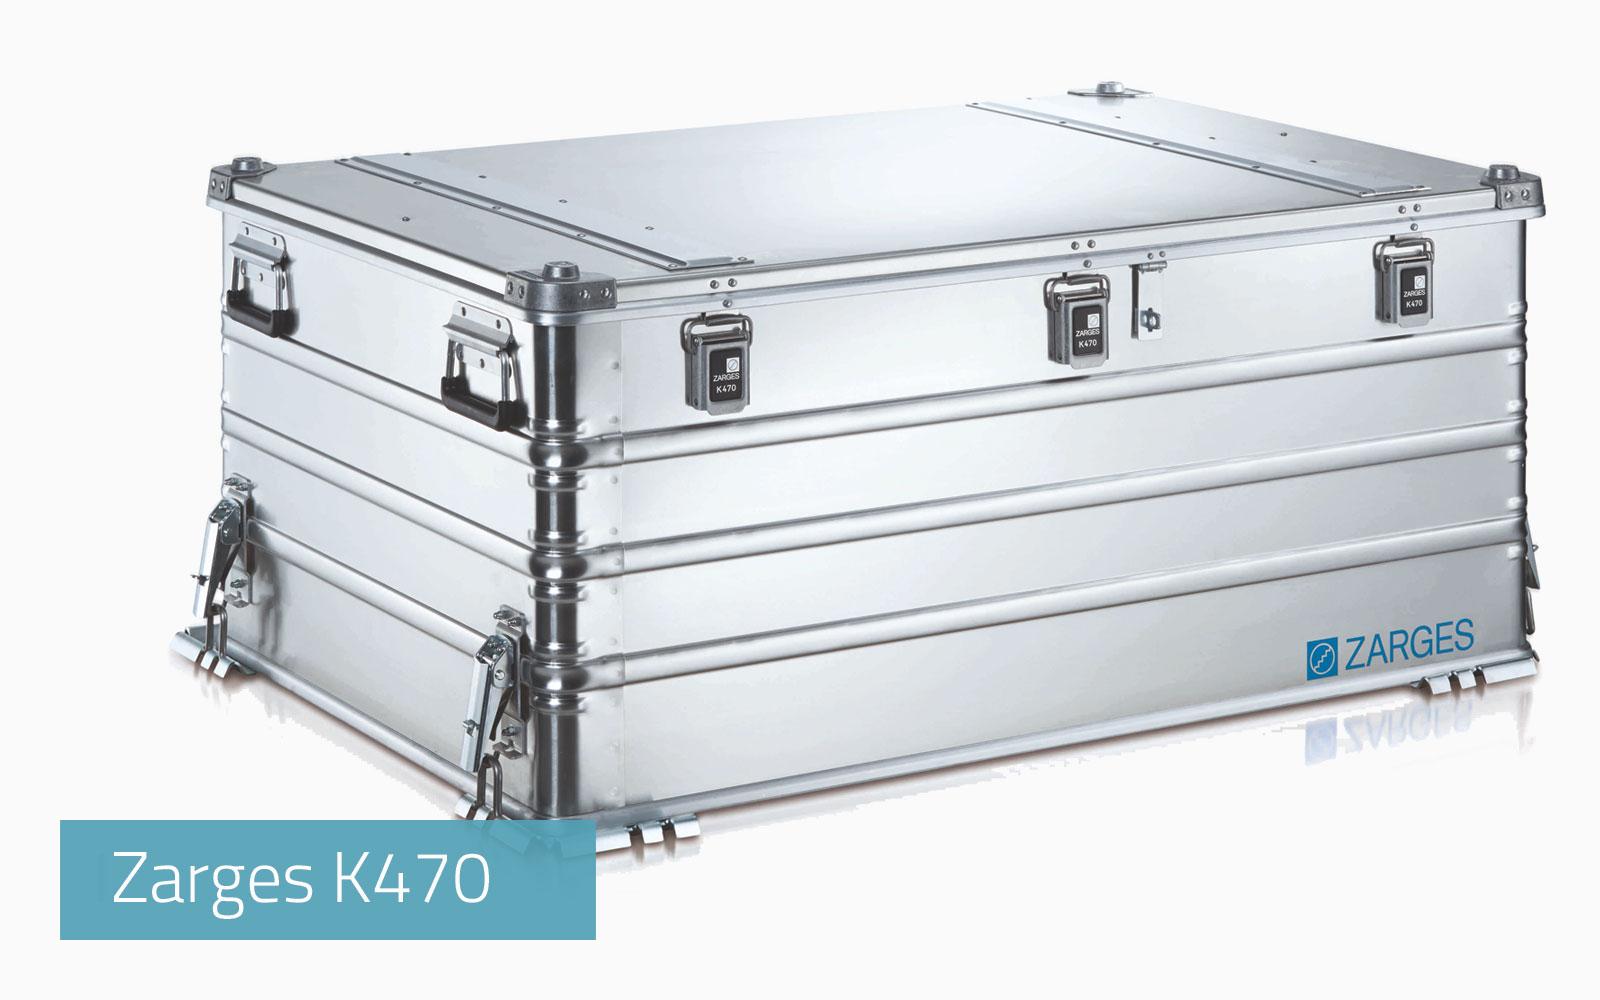 Zarges K470